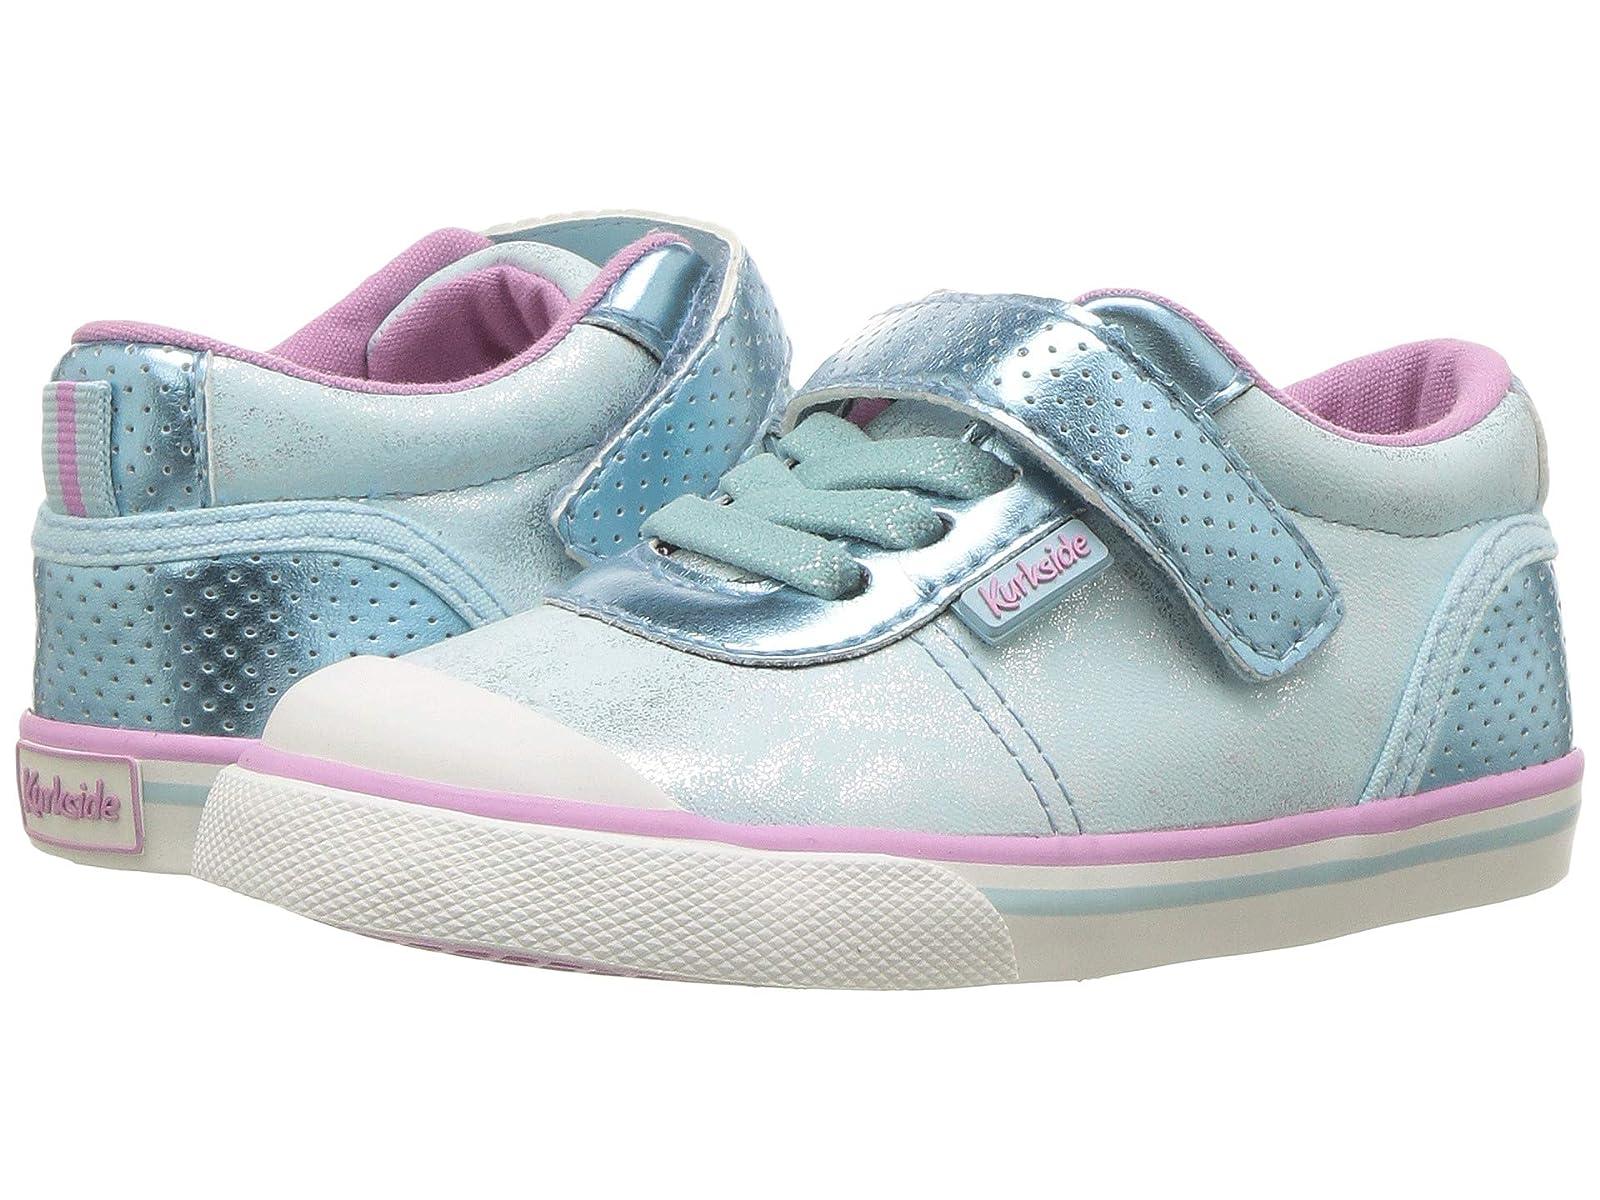 Kurkside Florence (Toddler/Little Kid)Atmospheric grades have affordable shoes